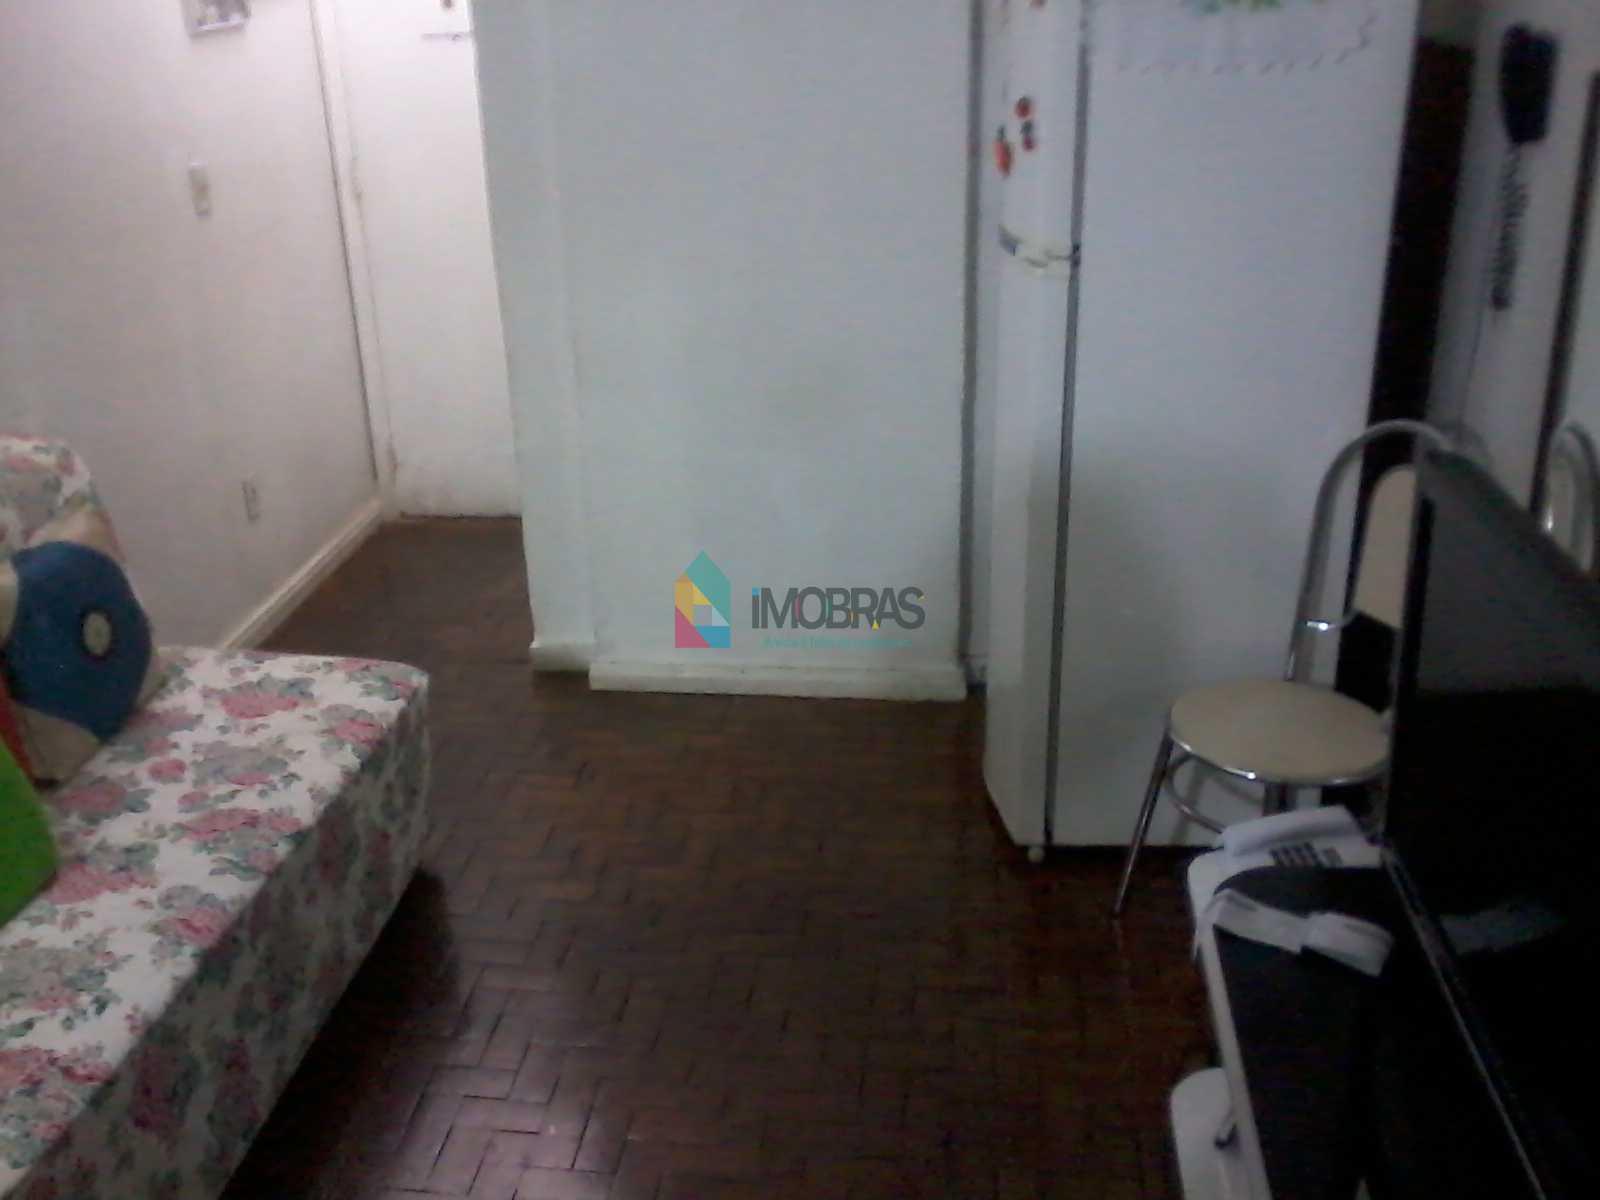 FOTO3 - Apartamento à venda Rua Marquês de Abrantes,Flamengo, IMOBRAS RJ - R$ 650.000 - AP1154 - 4